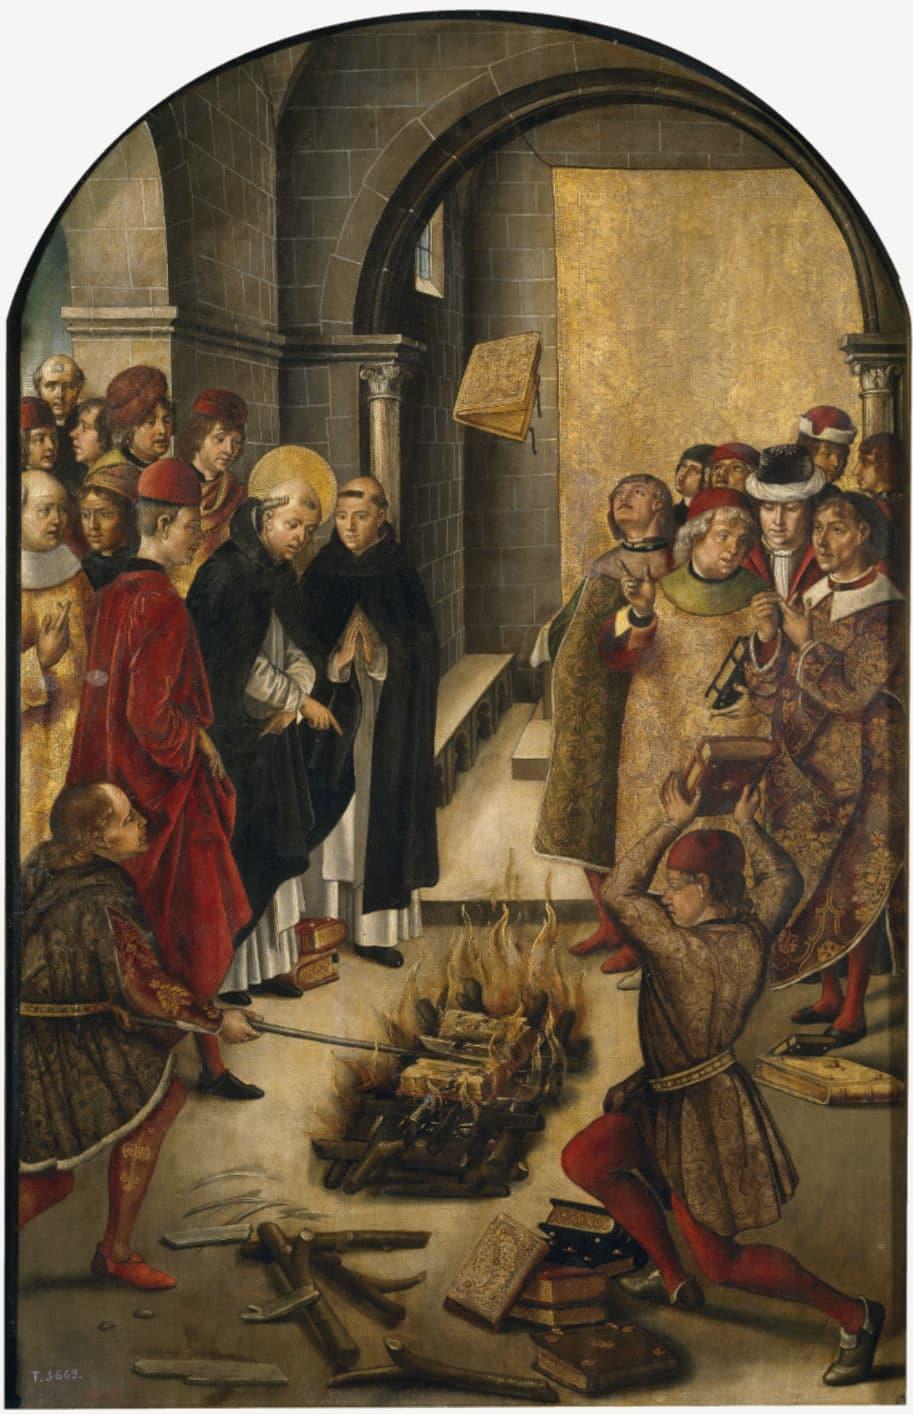 santo domingos contra o catarismo